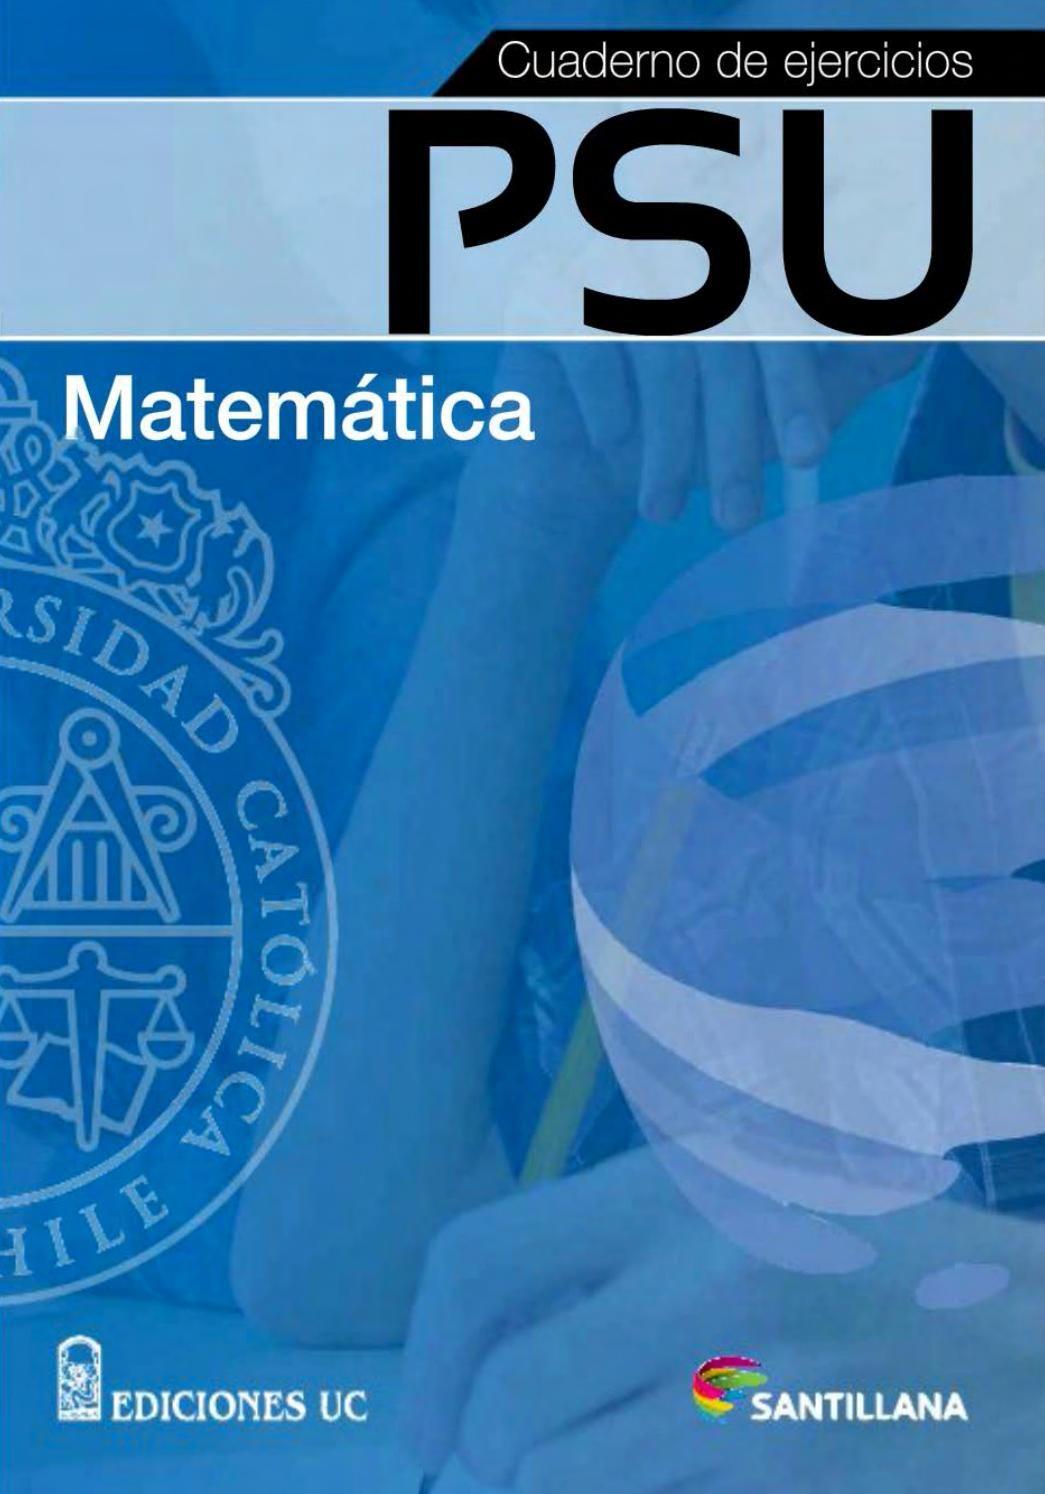 Cuaderno Ejercicios Uc Matematica Santillana Matematicas Secundaria Matematicas Matematicas 1 Secundaria